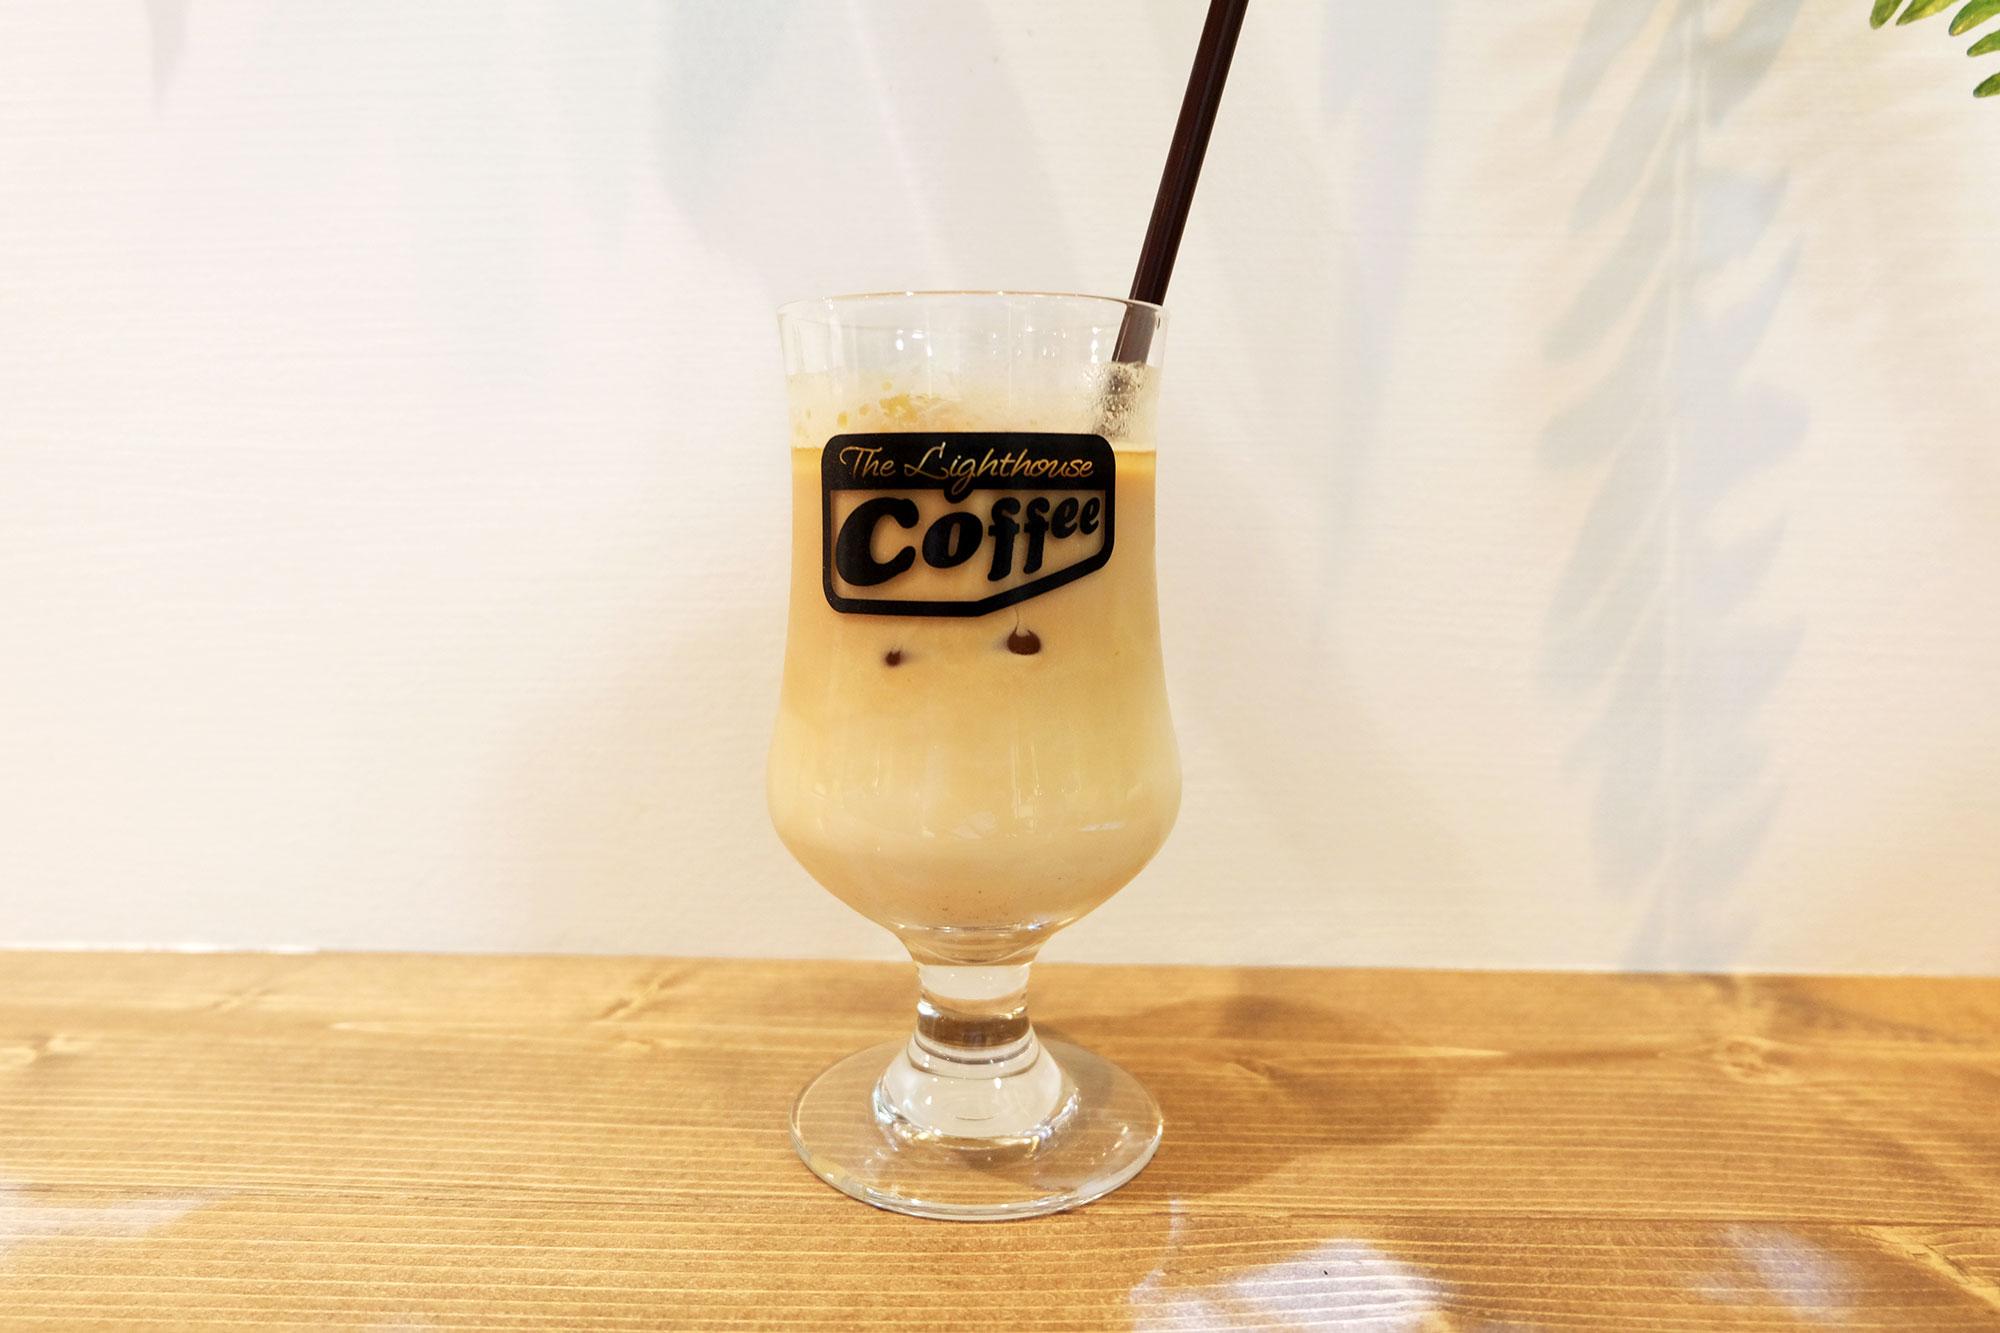 大阪・アメ村の美味しいコーヒーが飲めるカフェ・コーヒースタンド 北海道の魅力を押し込めたカフェ「The Lighthouse coffee(ライトハウスコーヒー)」